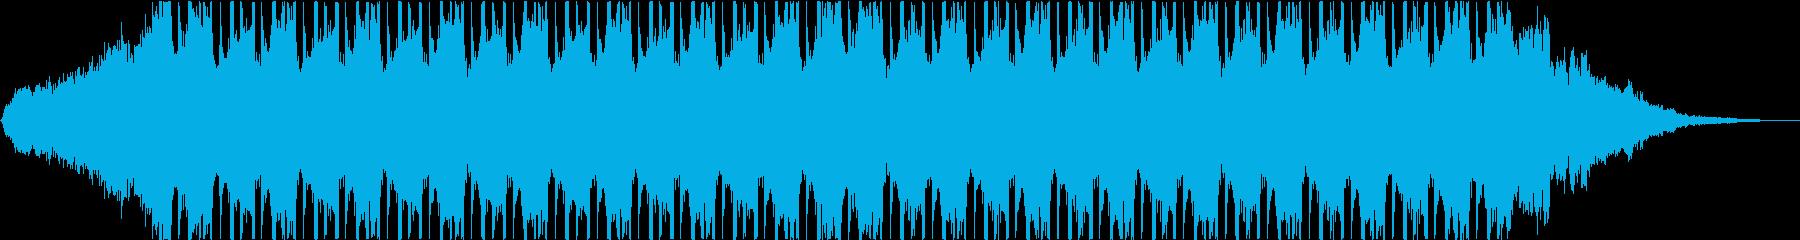 前向き・オープニング・スタート・軽快の再生済みの波形